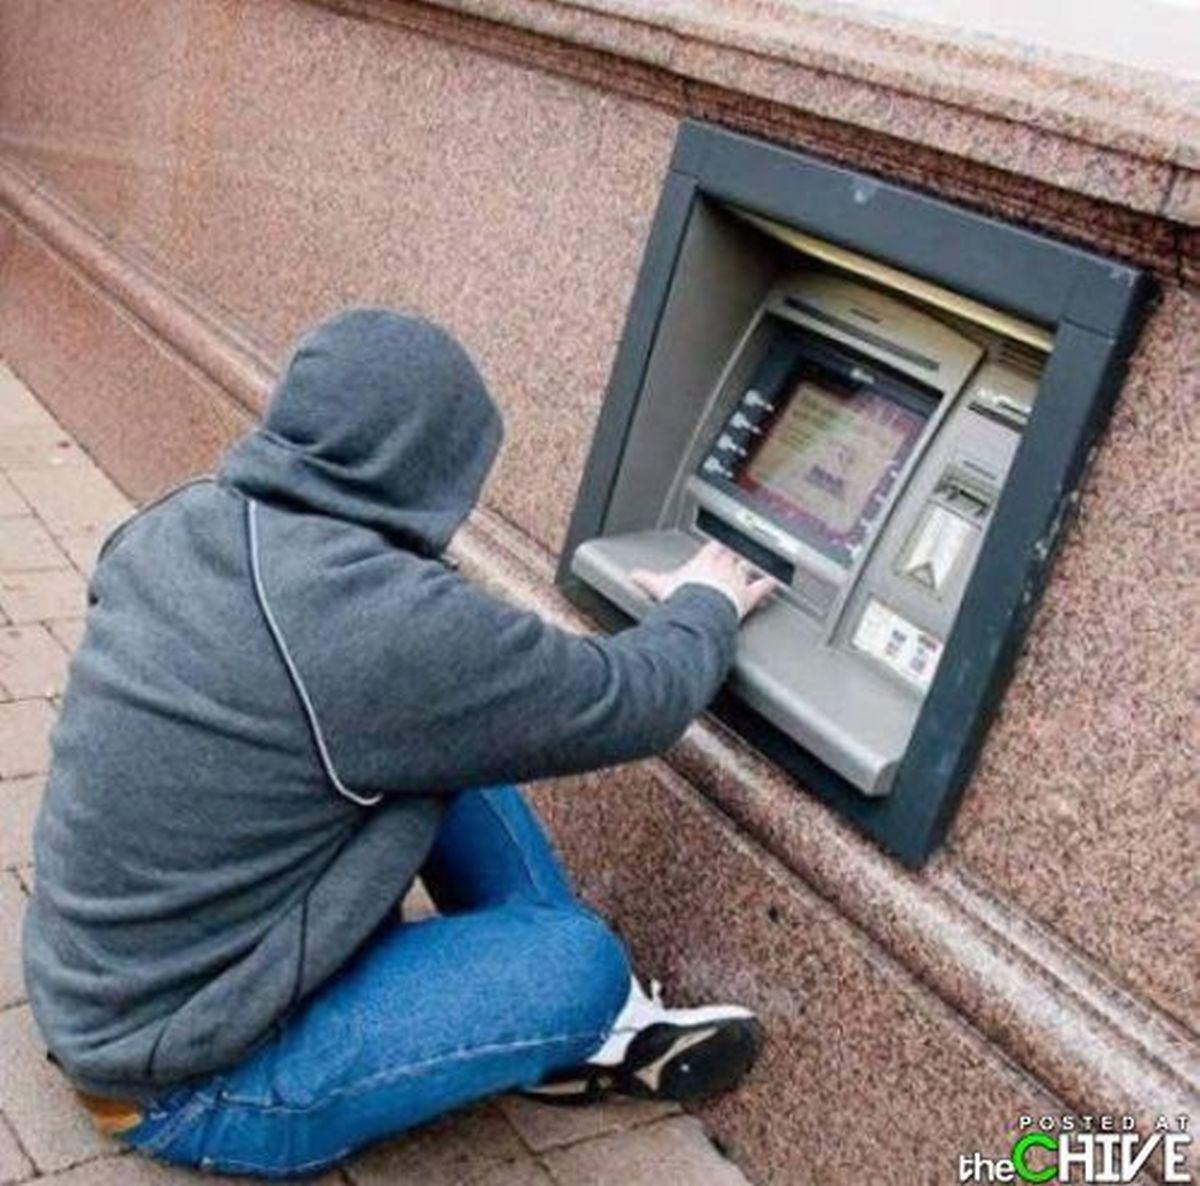 Đứng rút tiền bị mỏi chân? Hãy ngồi rút tiền theo cách của bạn!